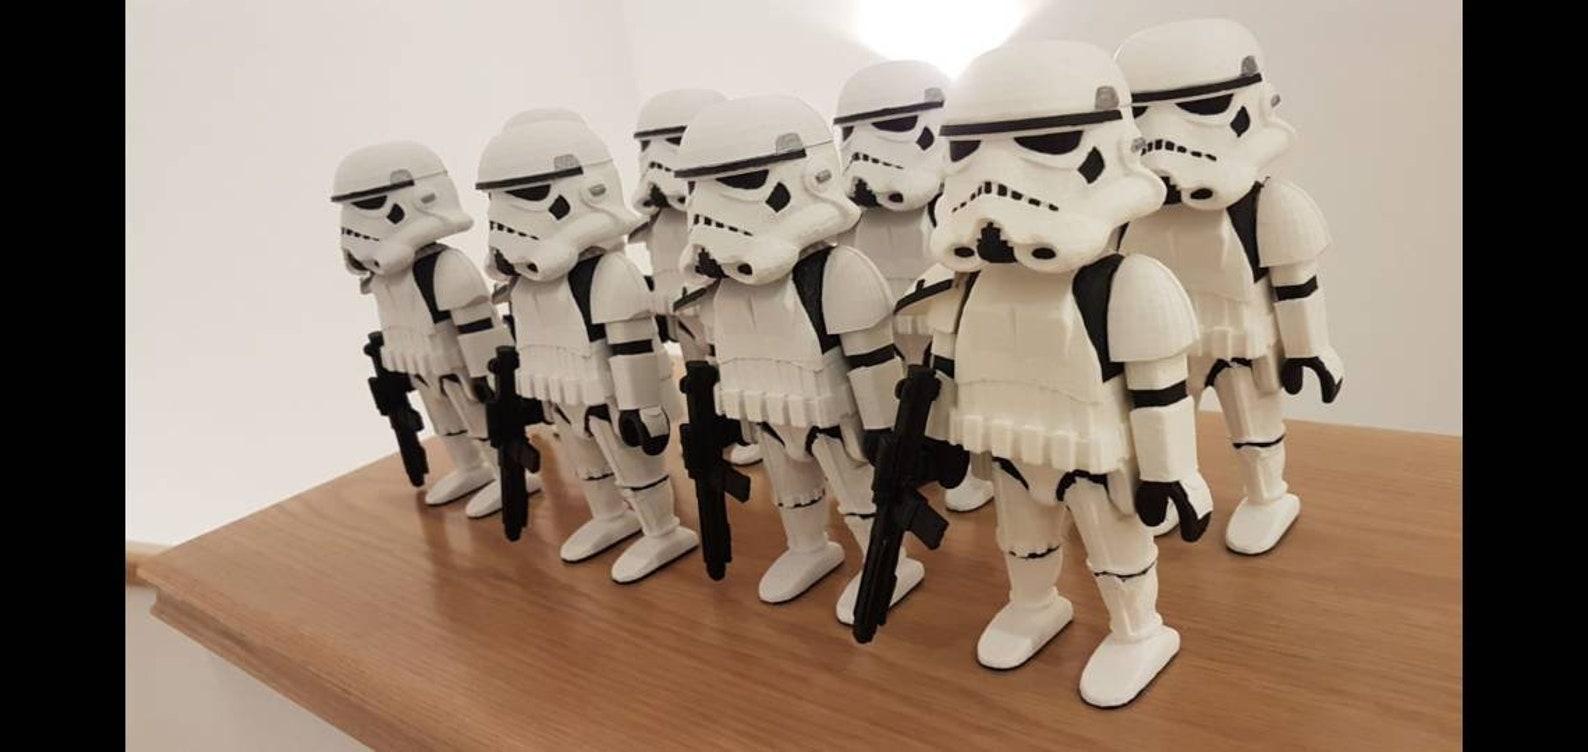 xl star wars custom playmobil sculpture of storm trooper